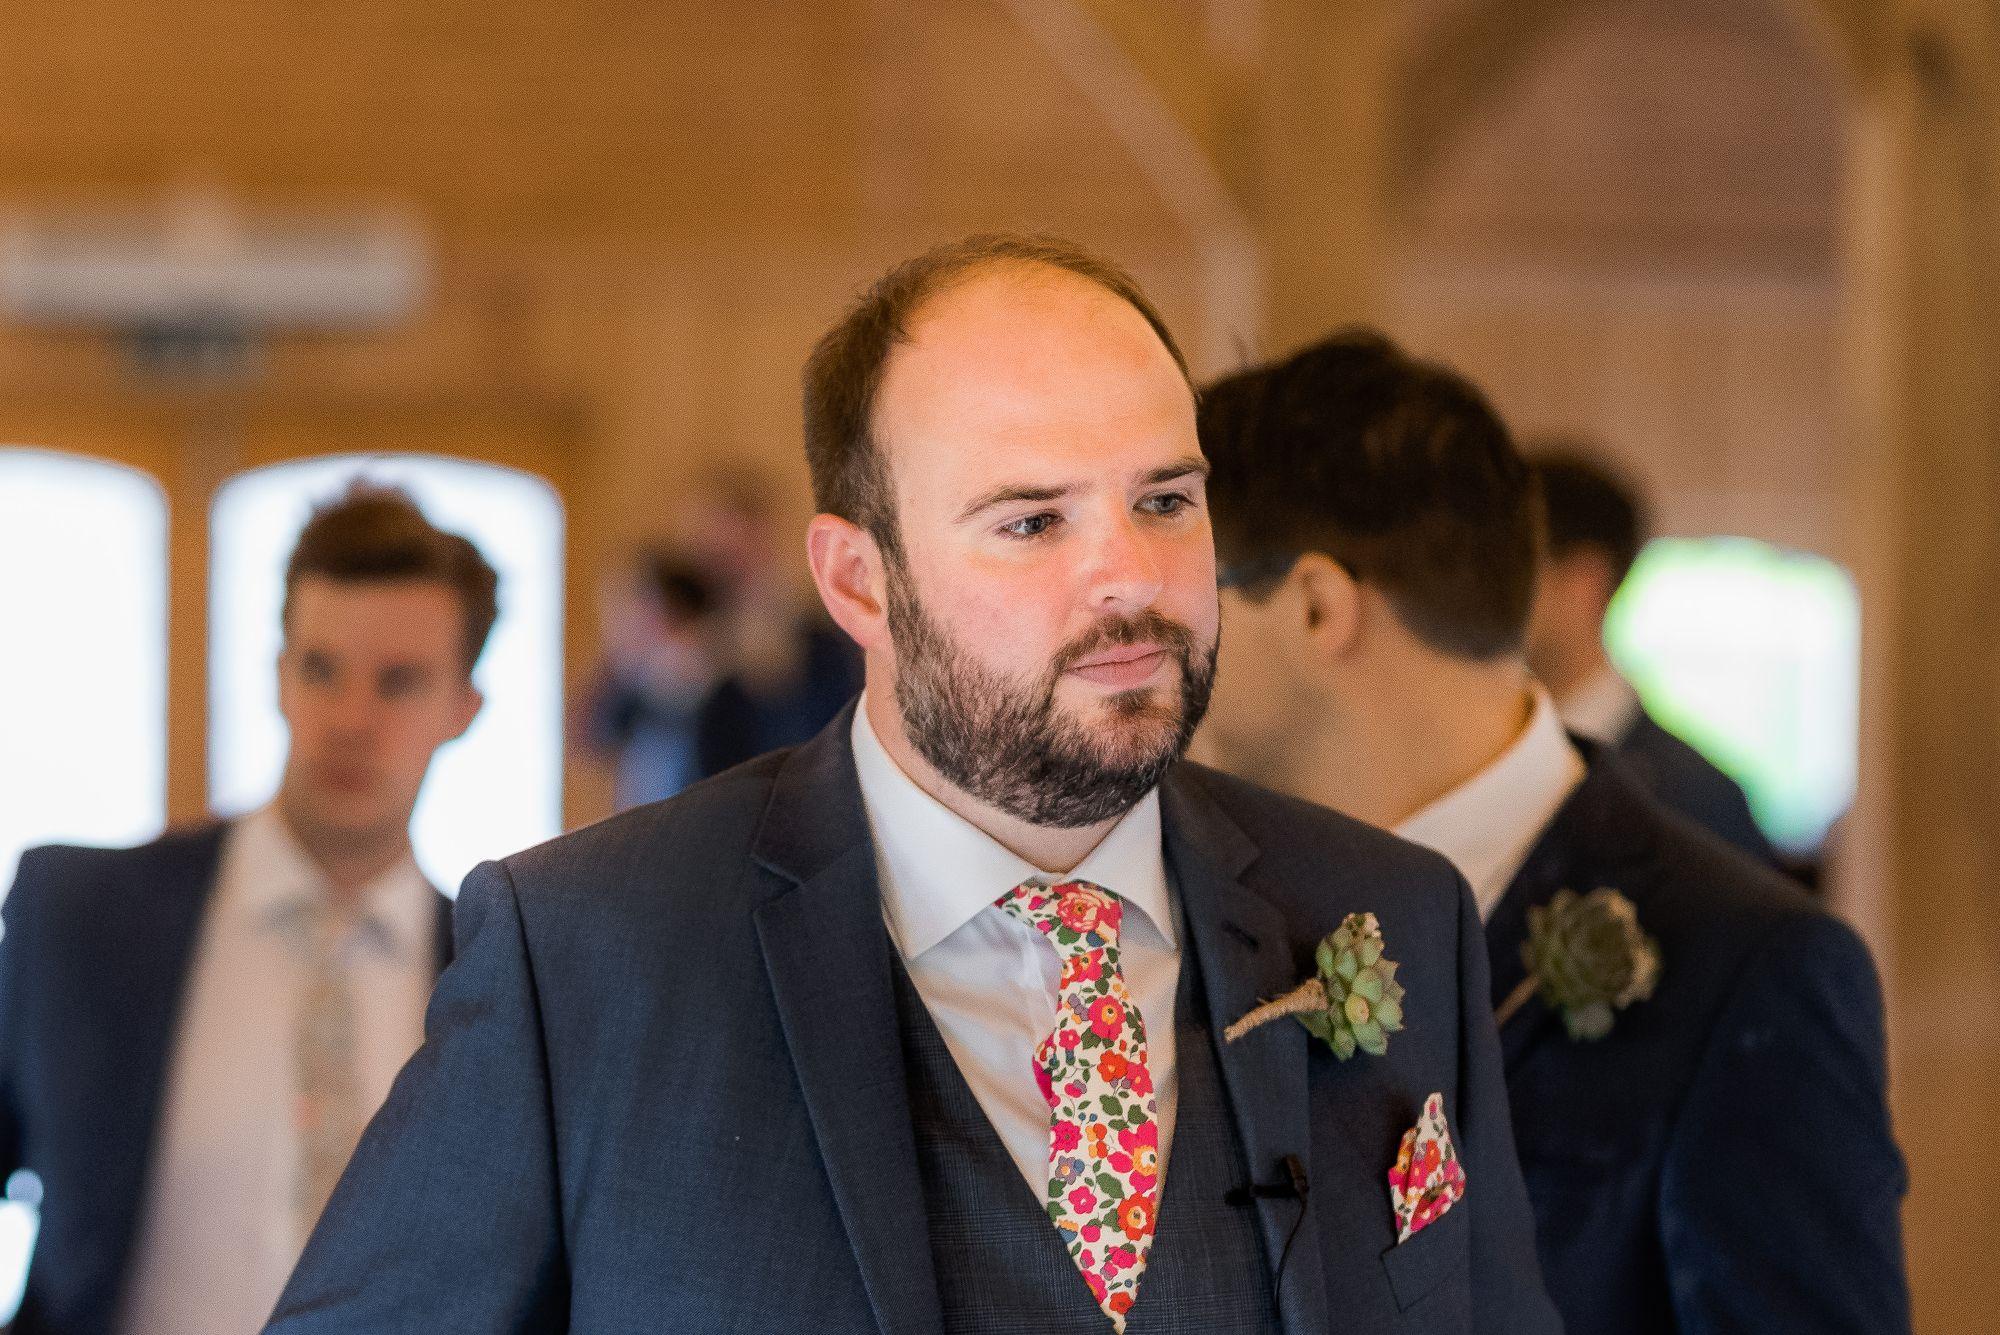 Bespoke Liberty print wedding ties